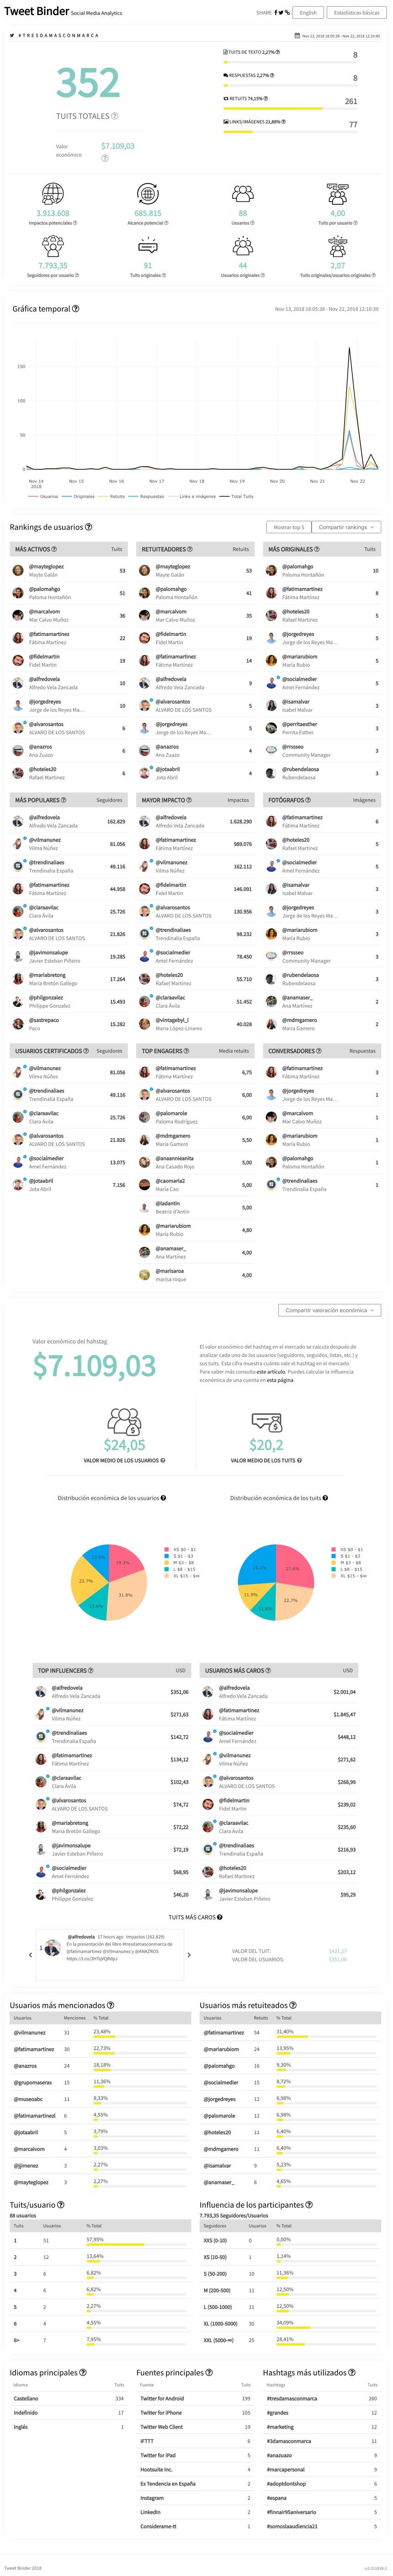 Estadísticas de Twitter de la presentación del libro #TresDamasconMarca